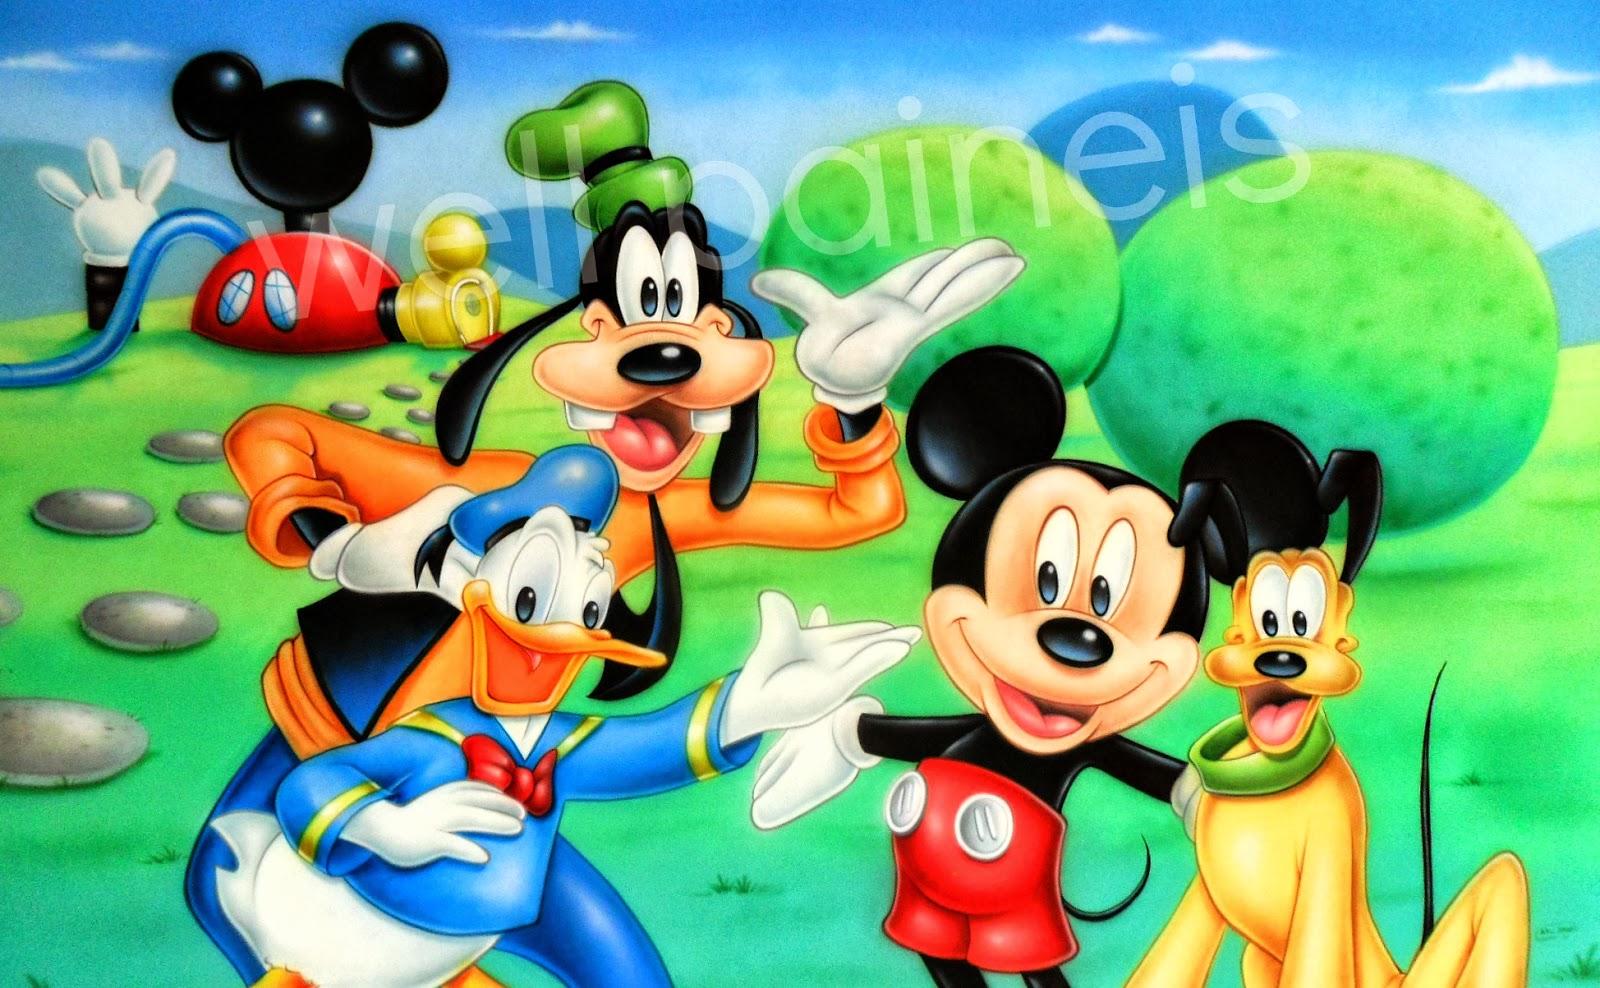 Сэкс мики мауса, Микки Маус - бесплатное порно онлайн 3 фотография